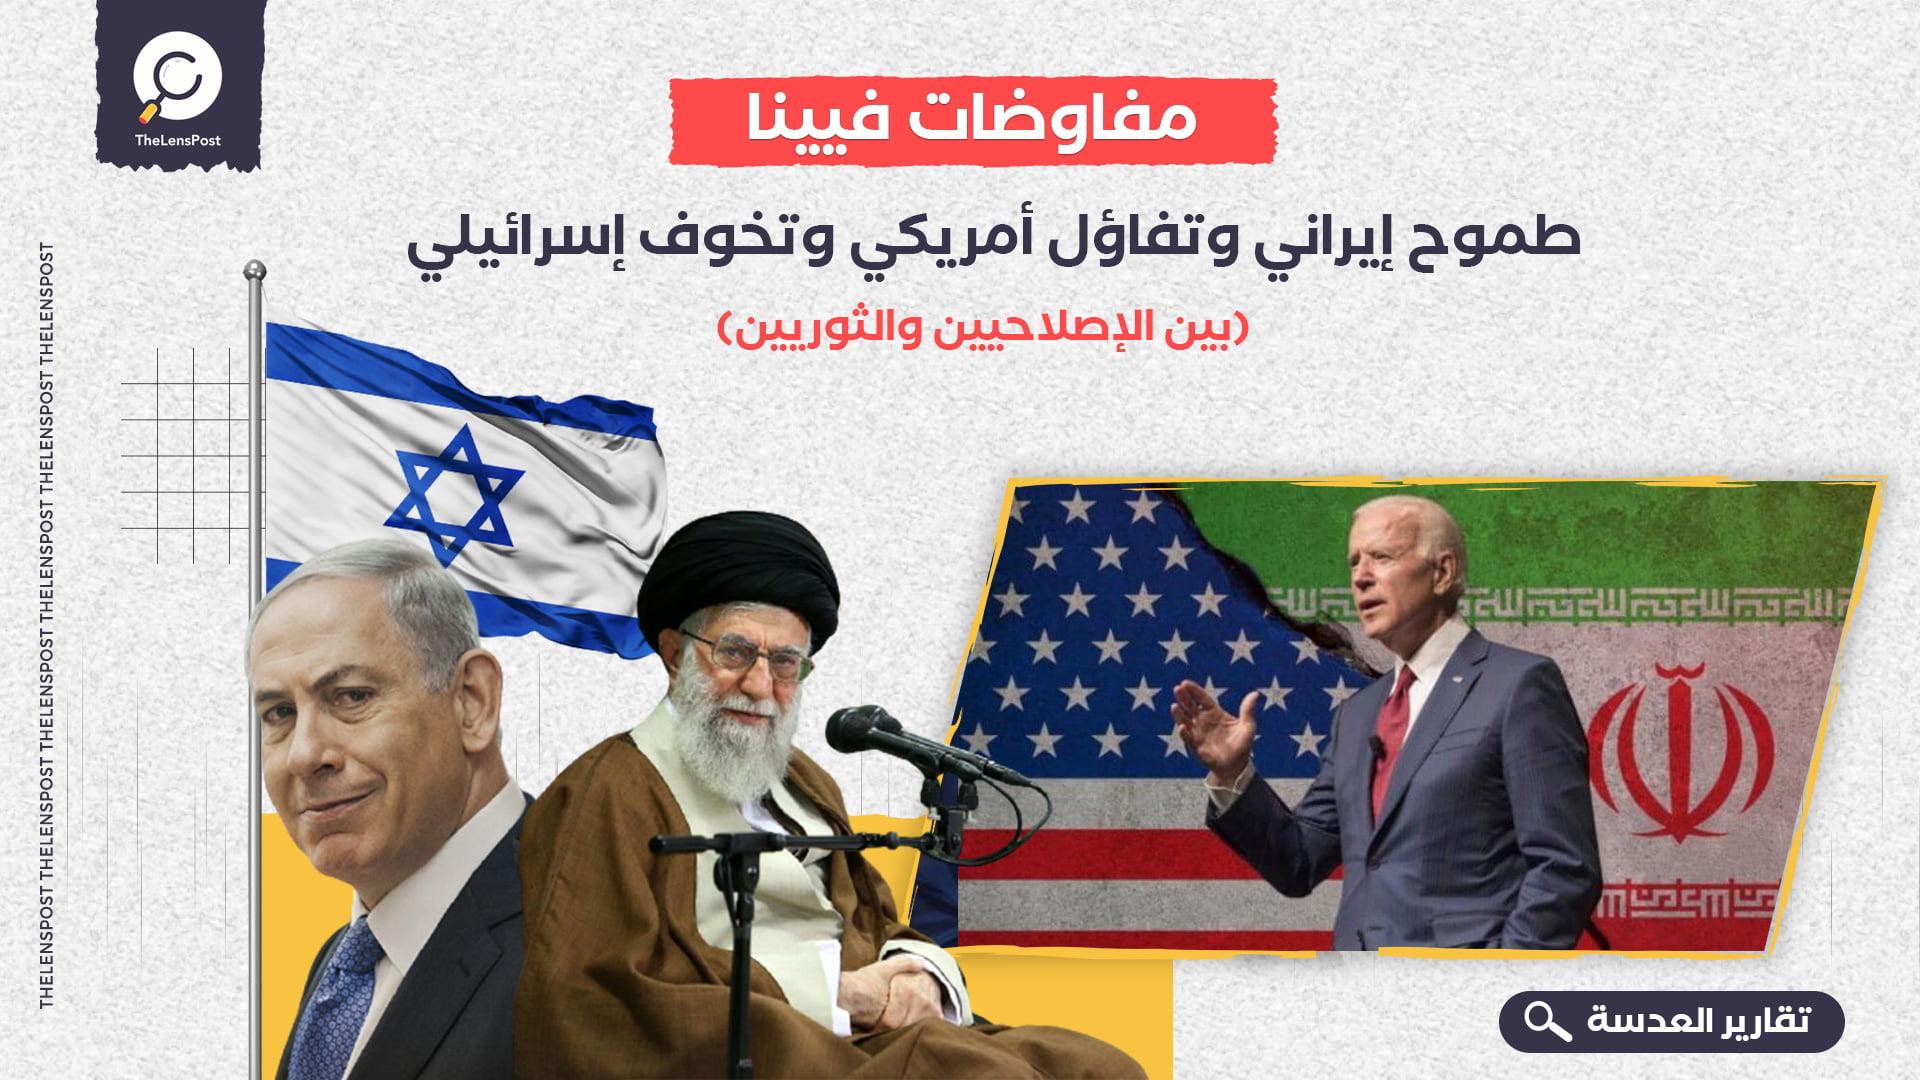 مفاوضات فيينا.. طموح إيراني وتفاؤل أمريكي وتخوف إسرائيلي